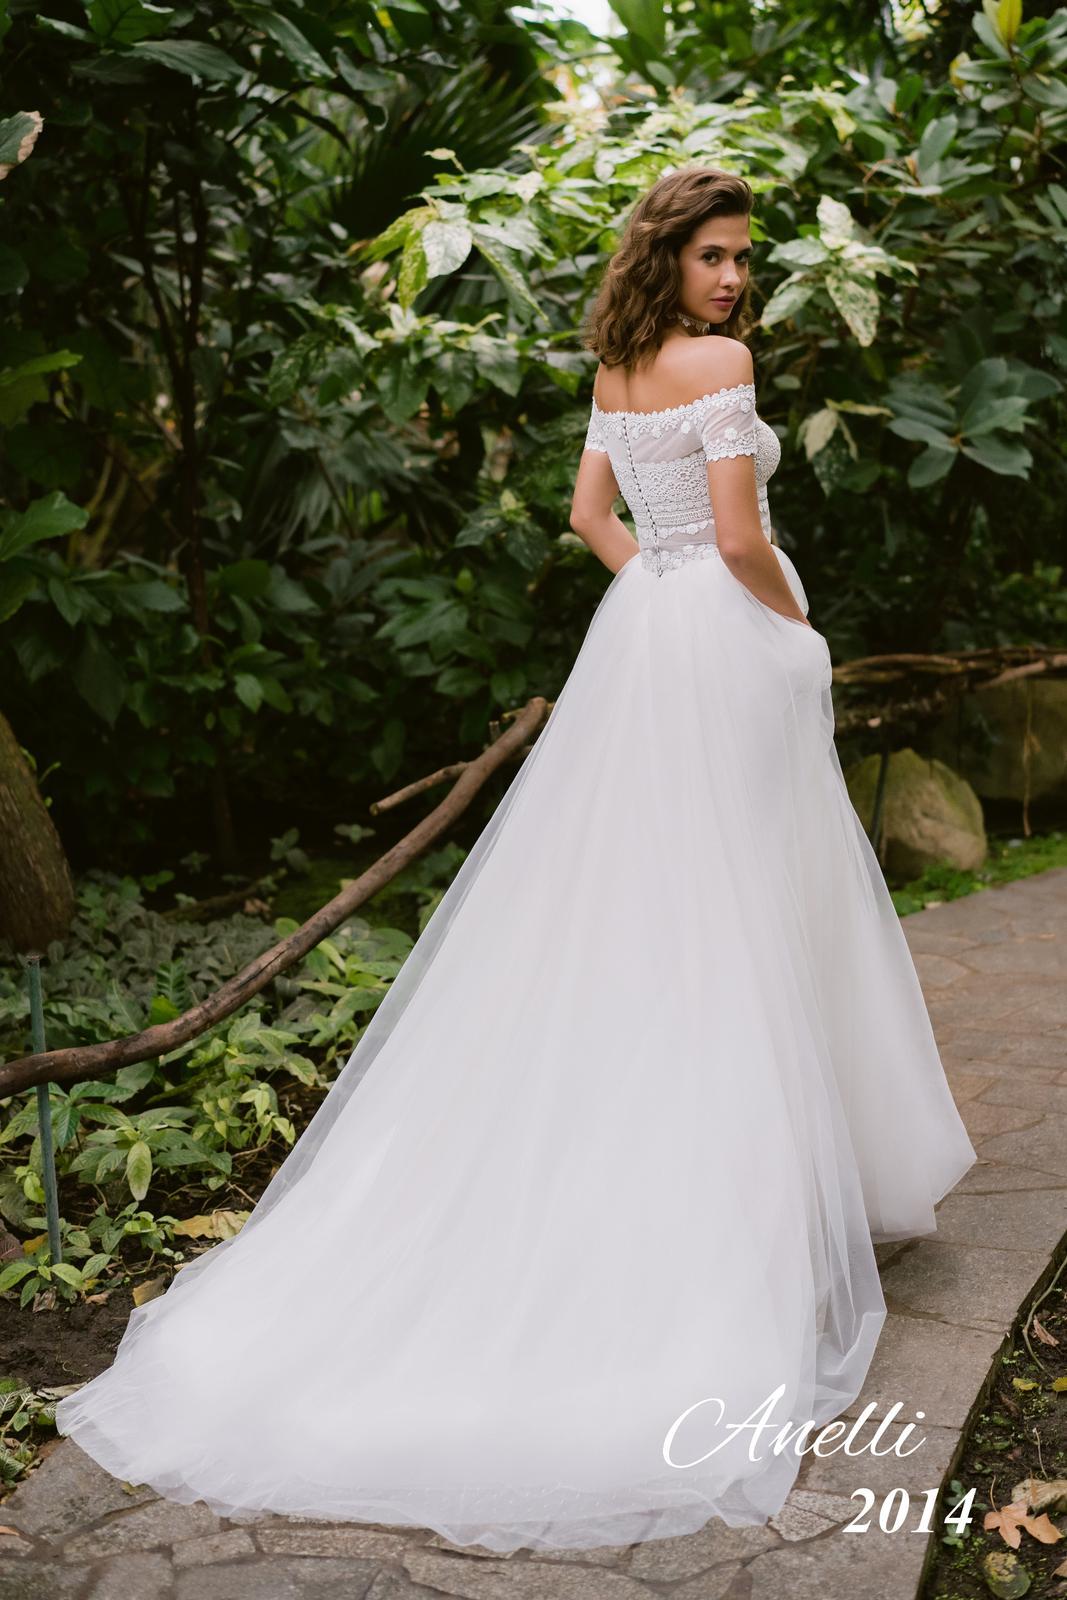 Svadobné šaty - Breeze 2014 - Obrázok č. 3